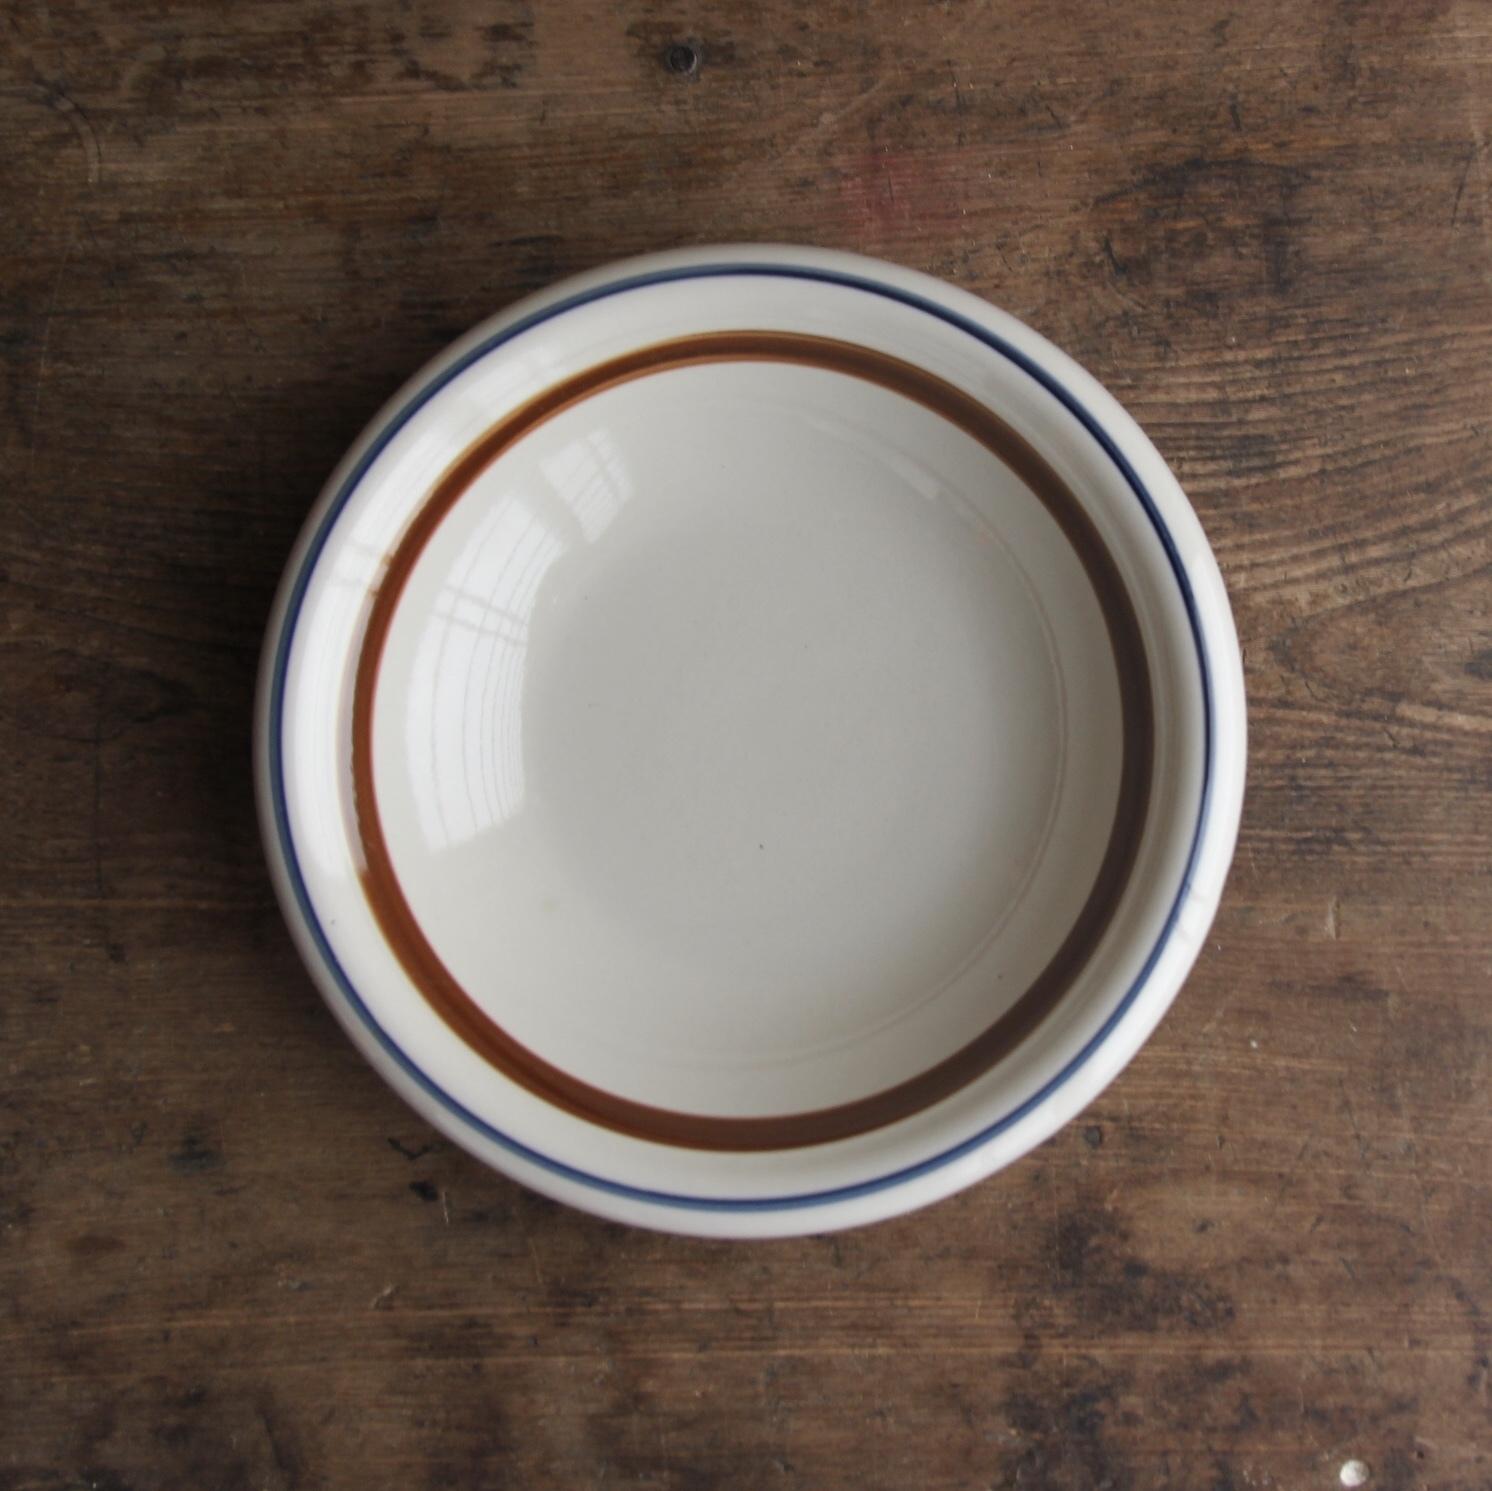 縁くるりんのライン皿 在庫2枚